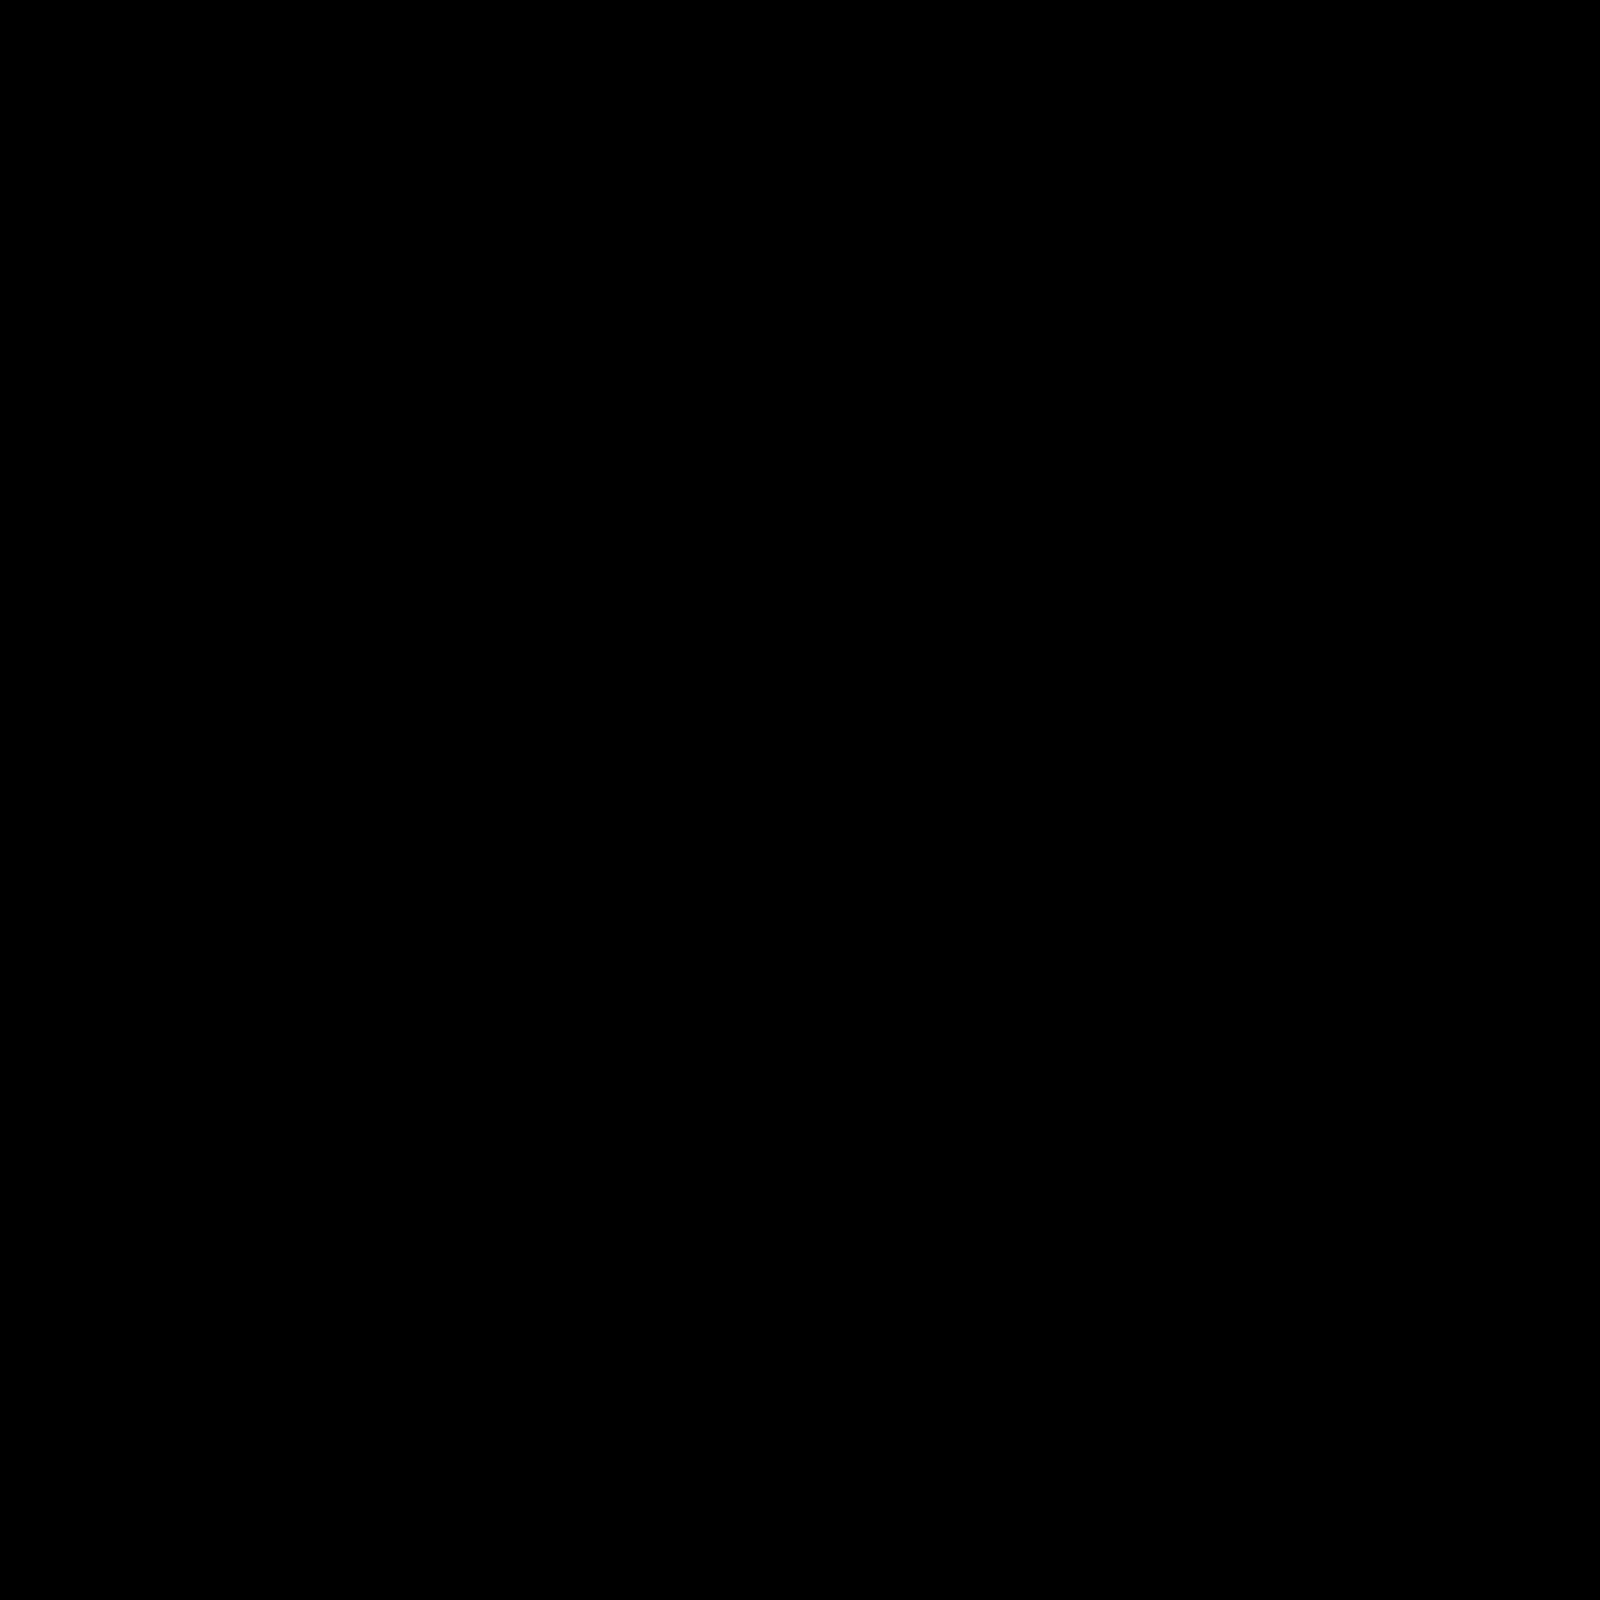 Ski pojazdu icon